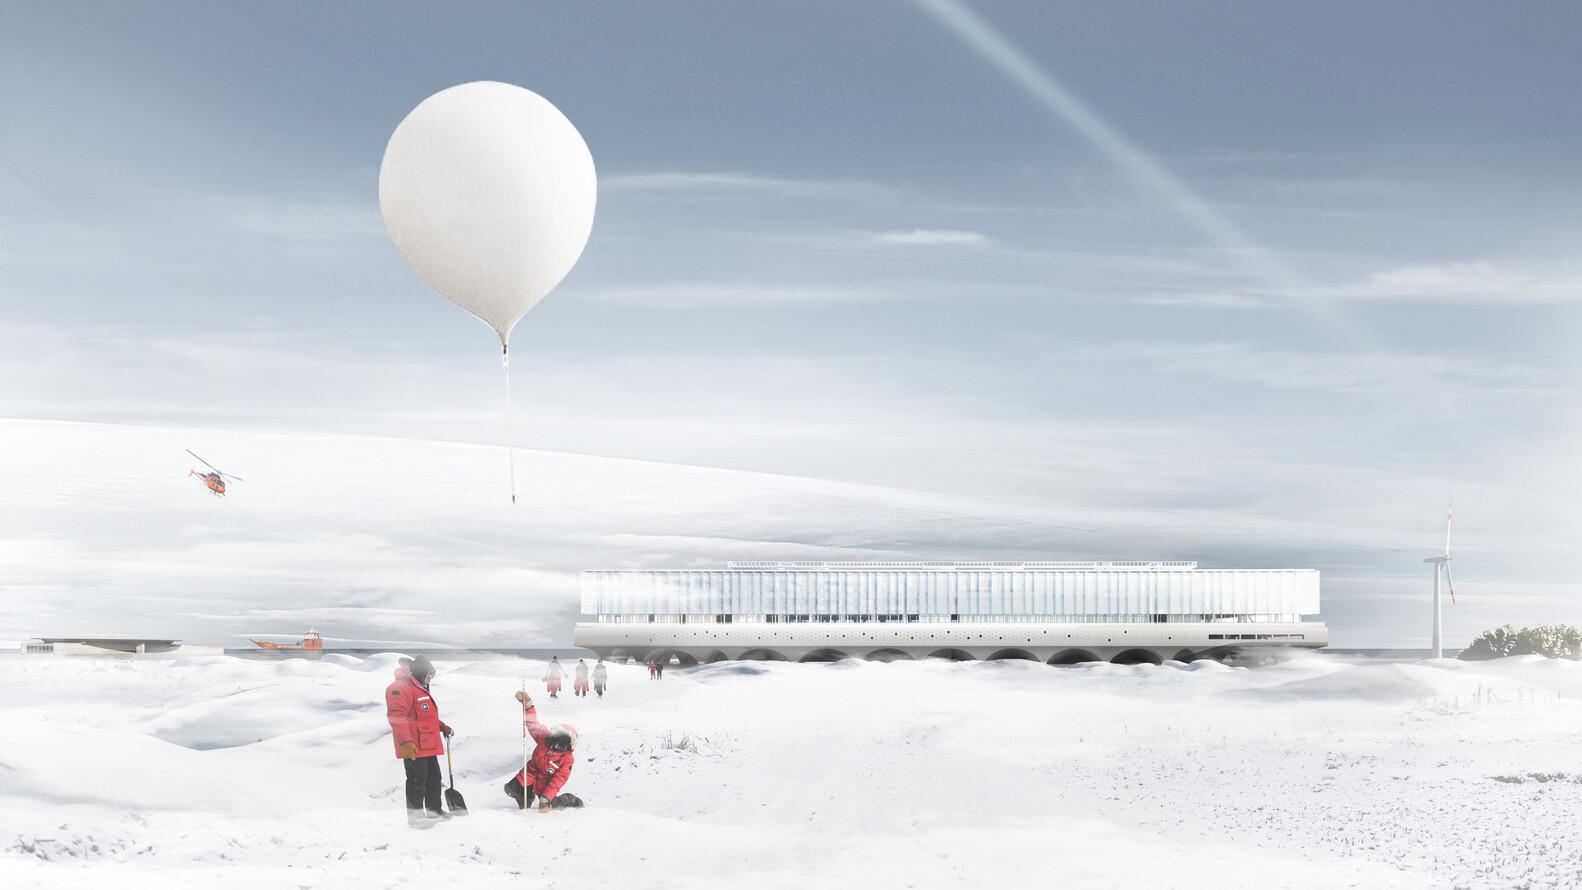 aprueban-la-construccion-del-centro-antartico-internacional-en-chile-alt